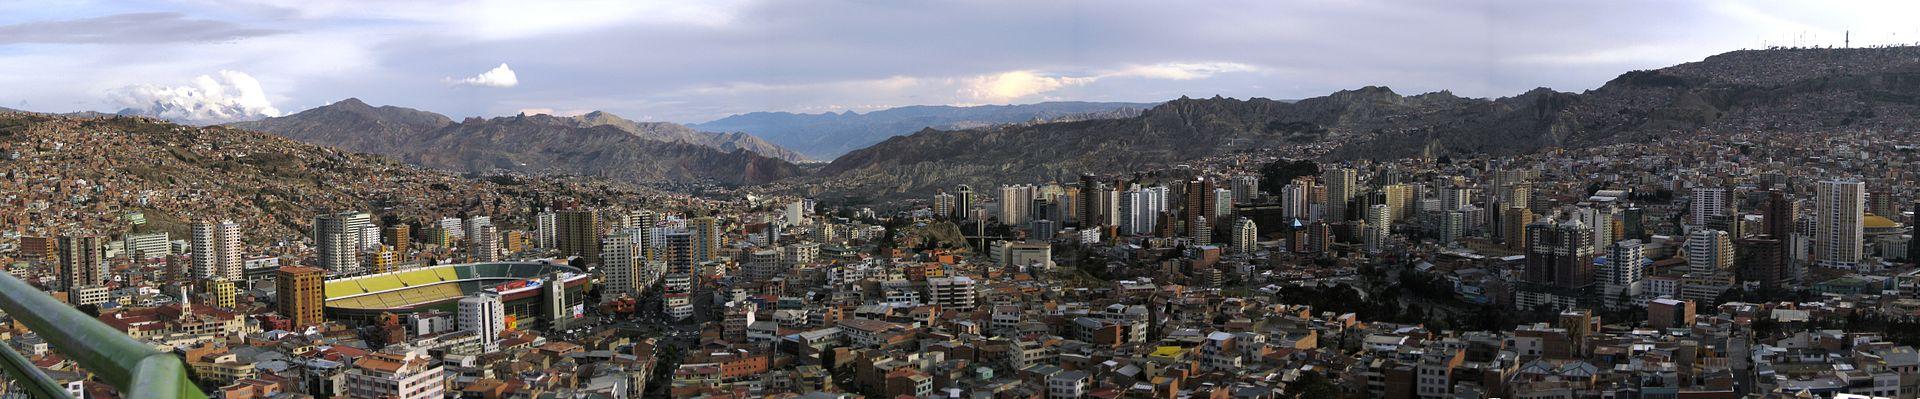 Nyelvtanulás La Paz-ban